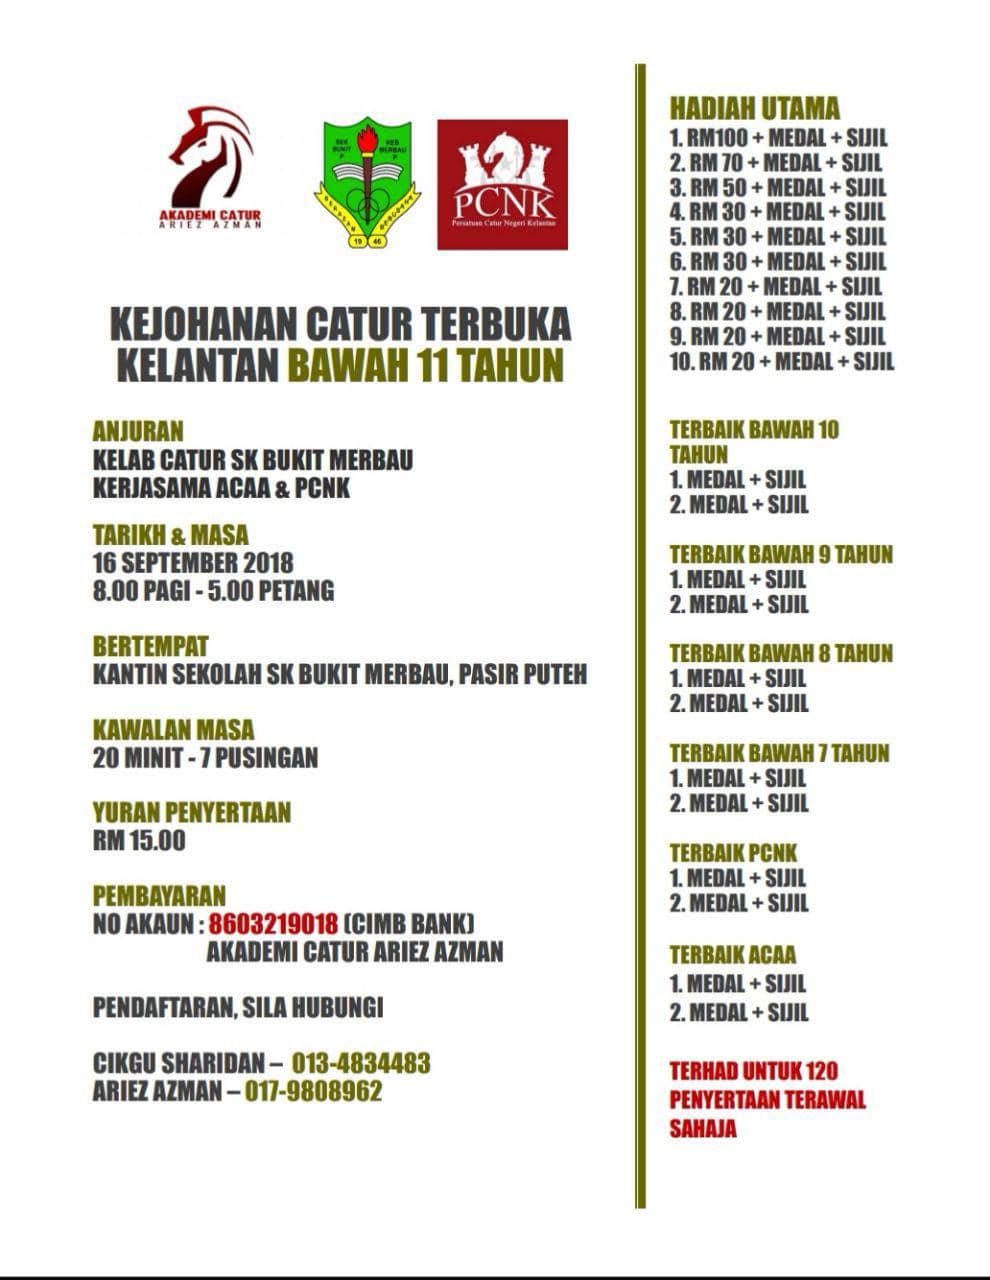 Kejohanan Catur Terbuka Kelantan Bawah 11